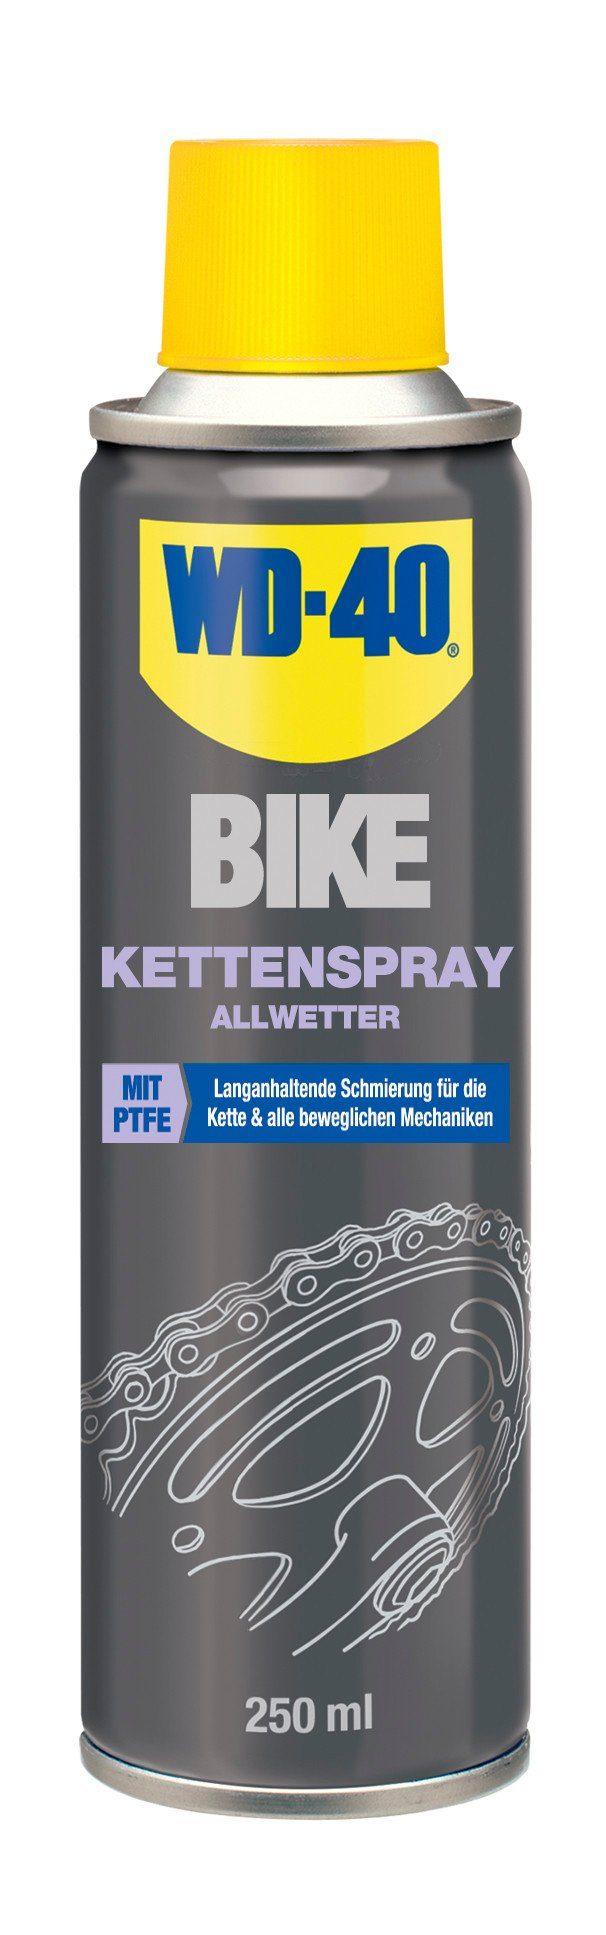 WD-40 Fahrrad Reiniger »BIKE Kettenspray Allwetter 250 ml«